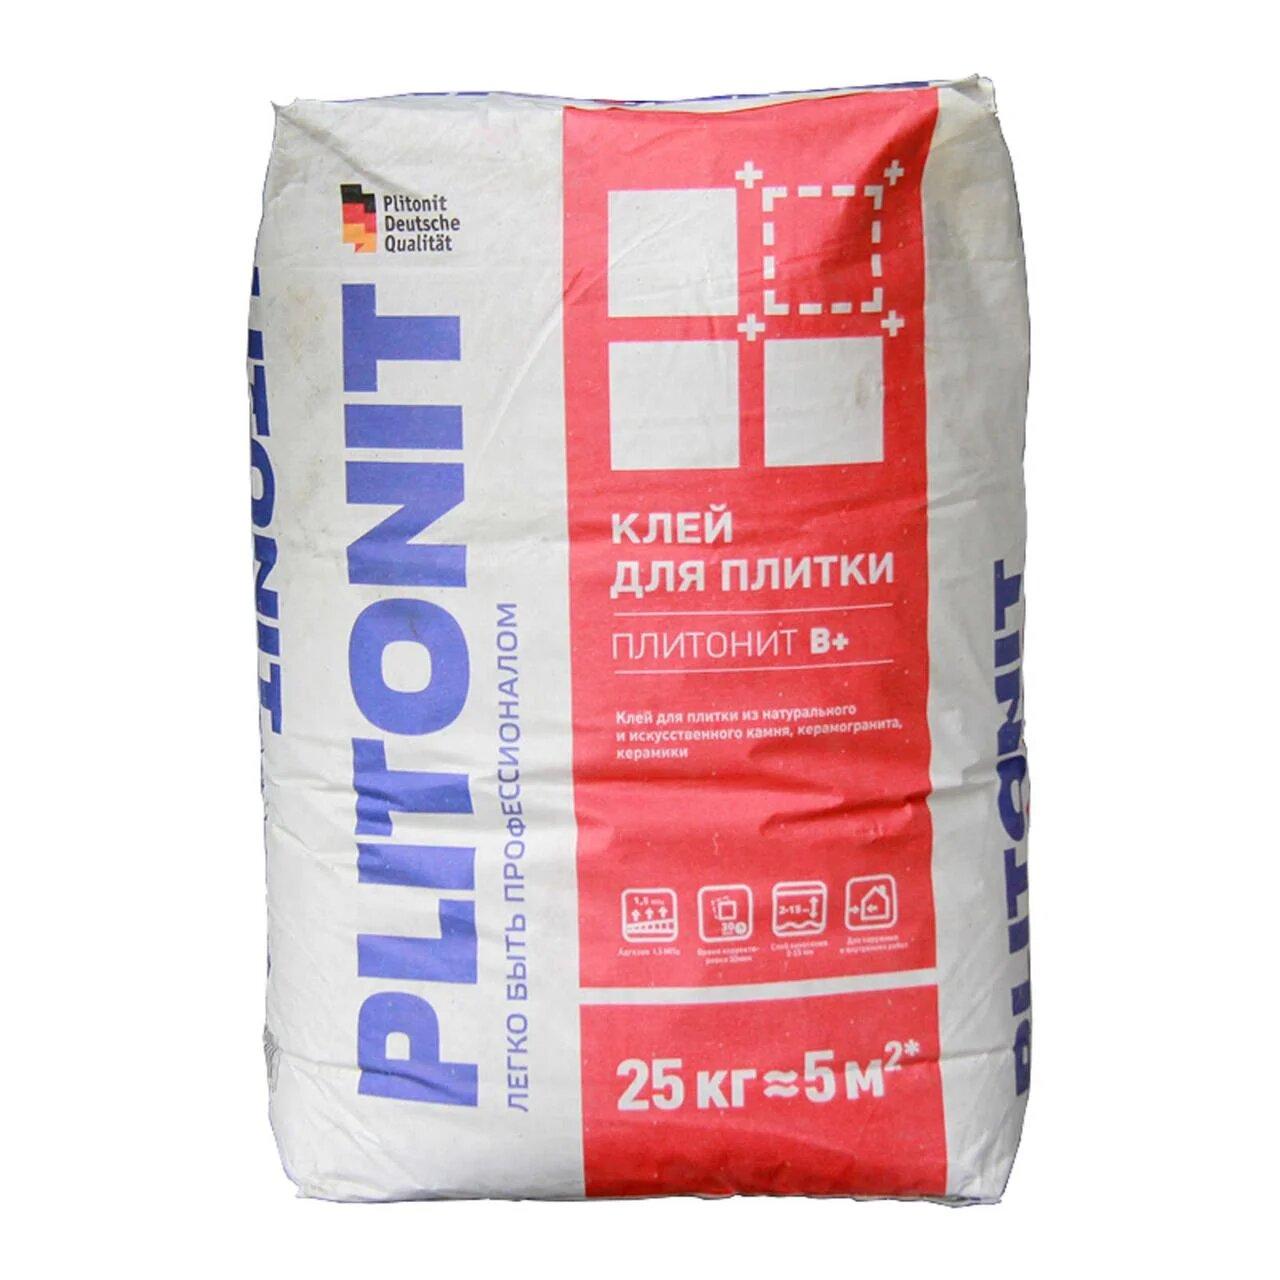 Клей Plitonit